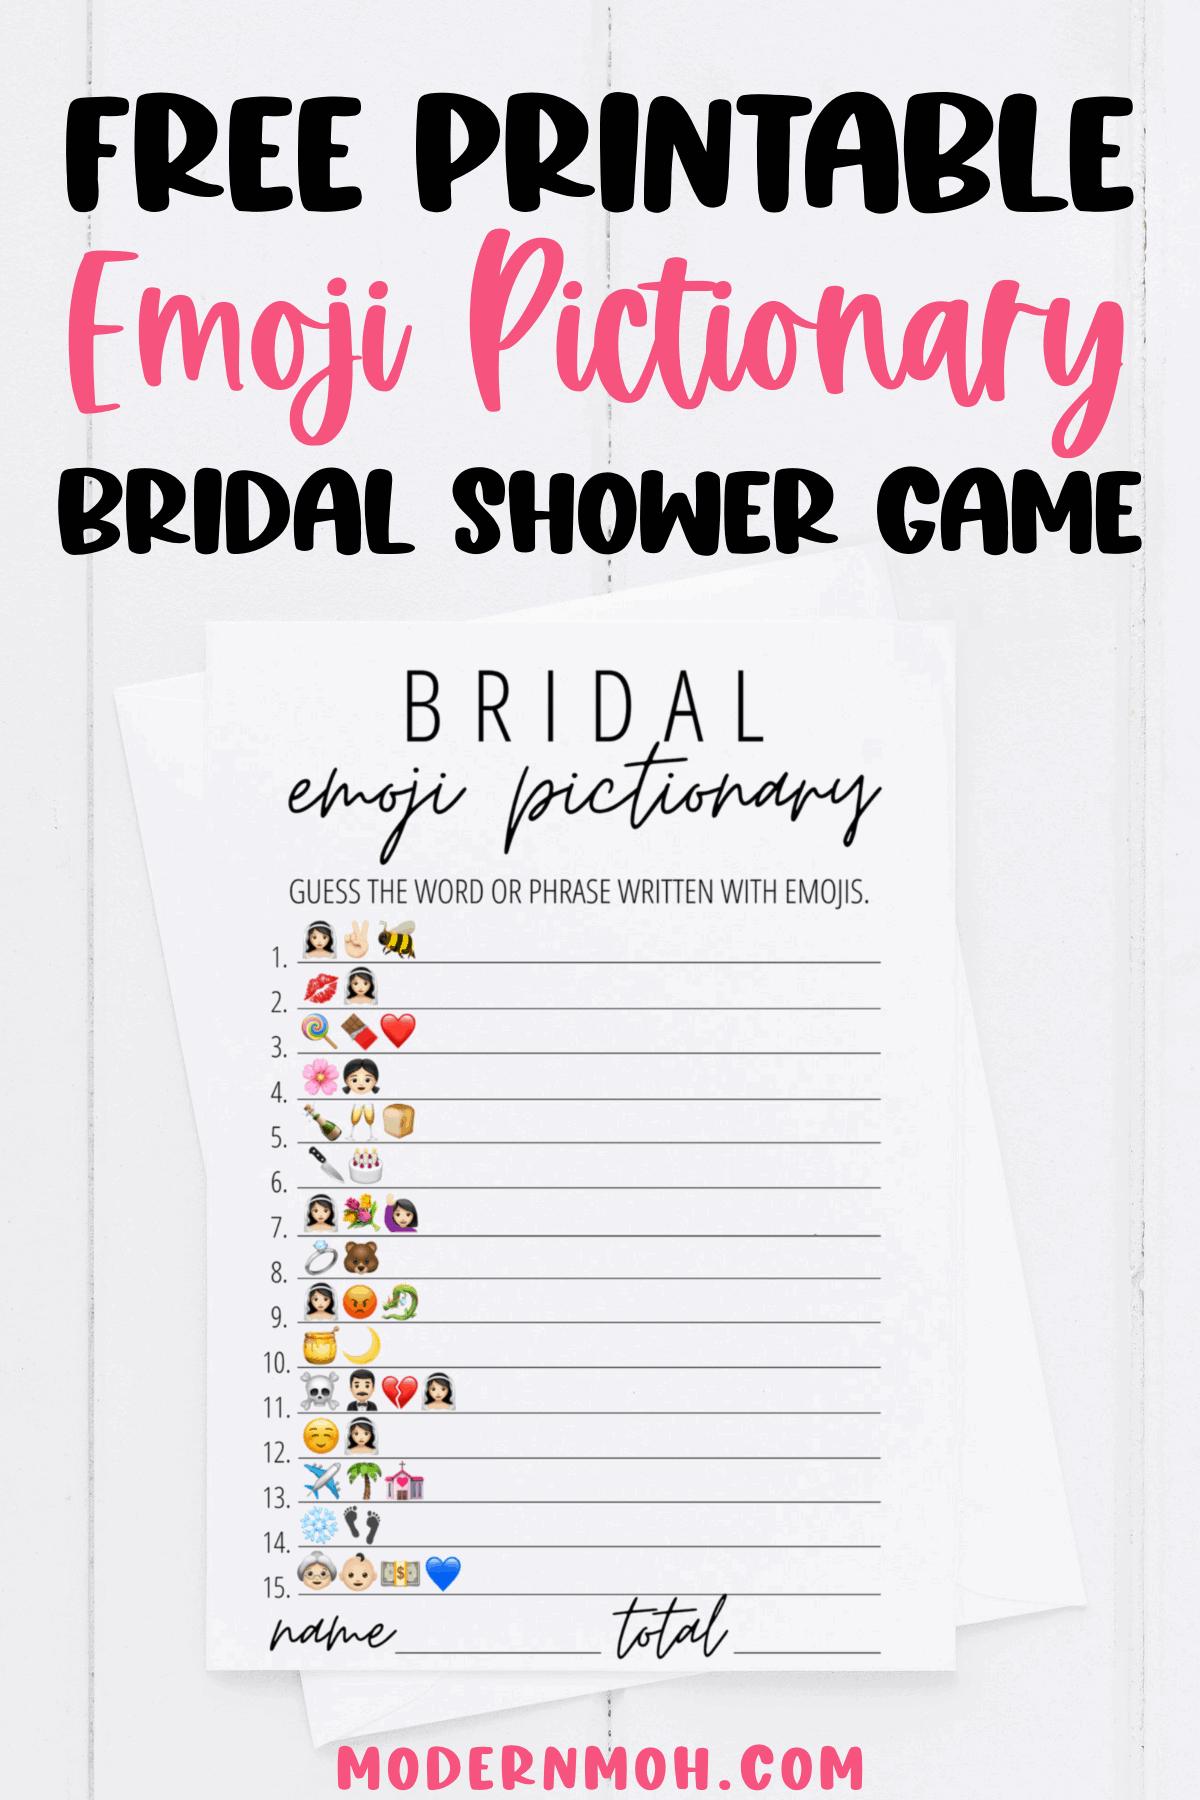 Bridal Emoji Pictionary Free Printable